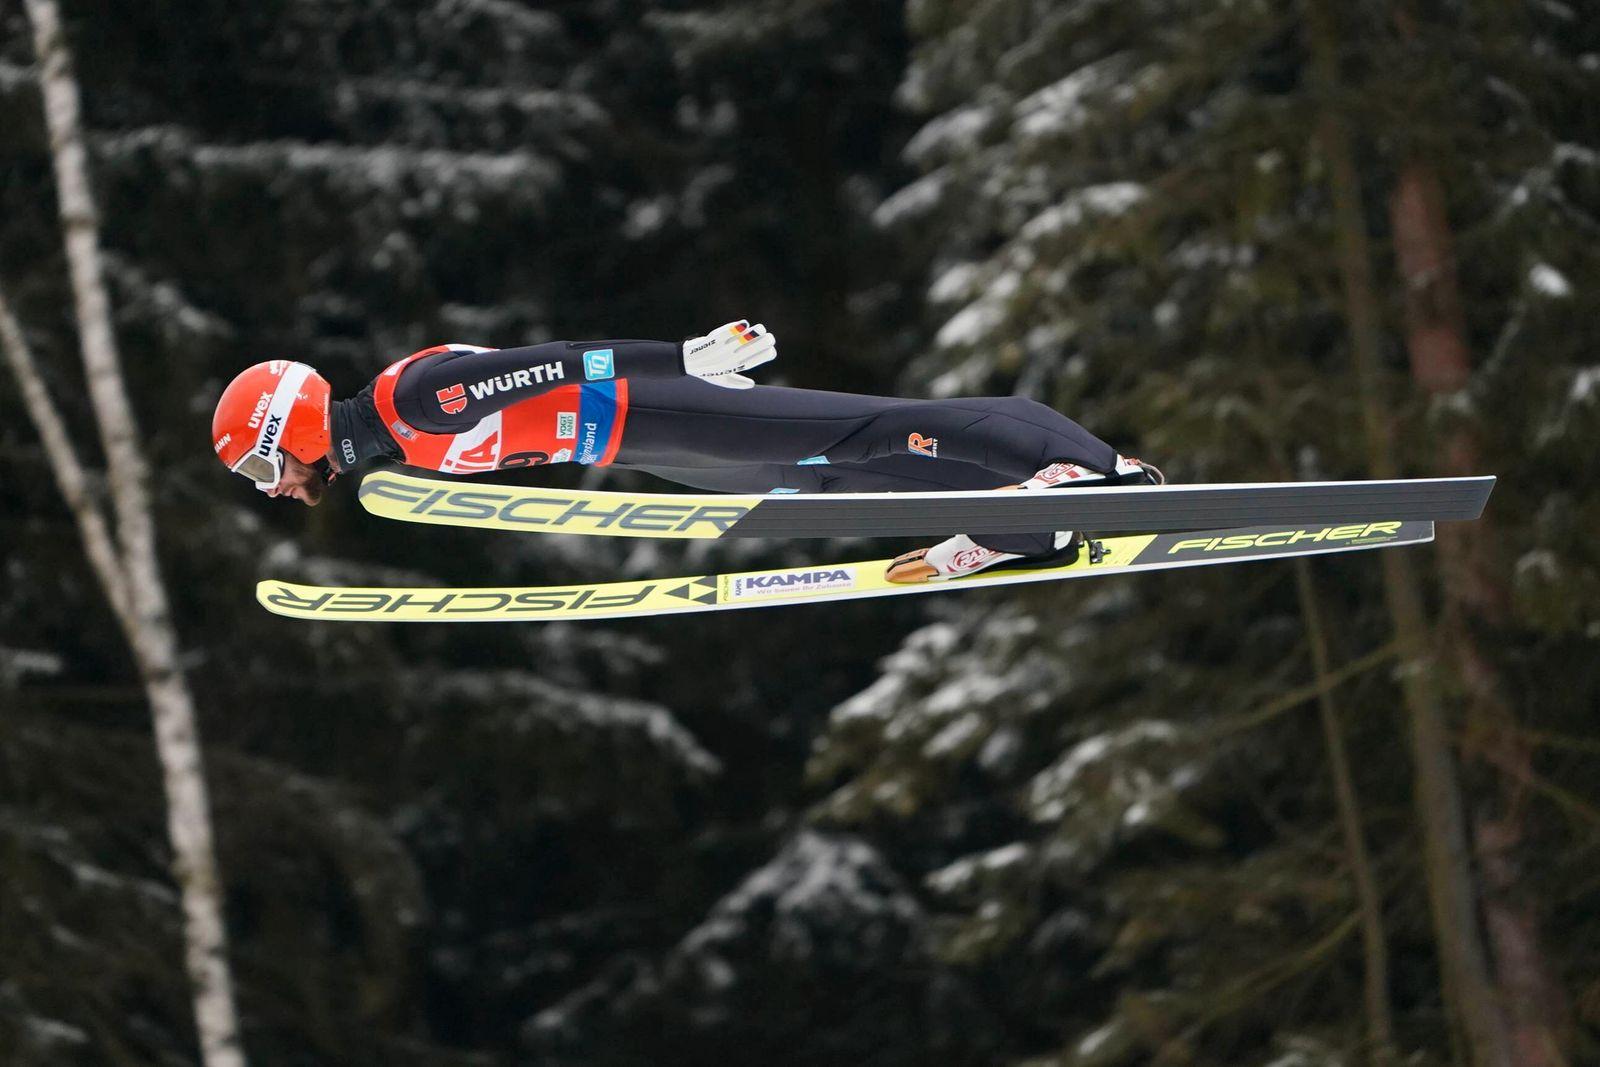 07.02.2021 KLINGENTHAL PUCHAR SWIATA W SKOKACH NARCIARSKICH, KONKURS INDYWIDUALNY FIS Ski jumping, Skispringen, Ski, no